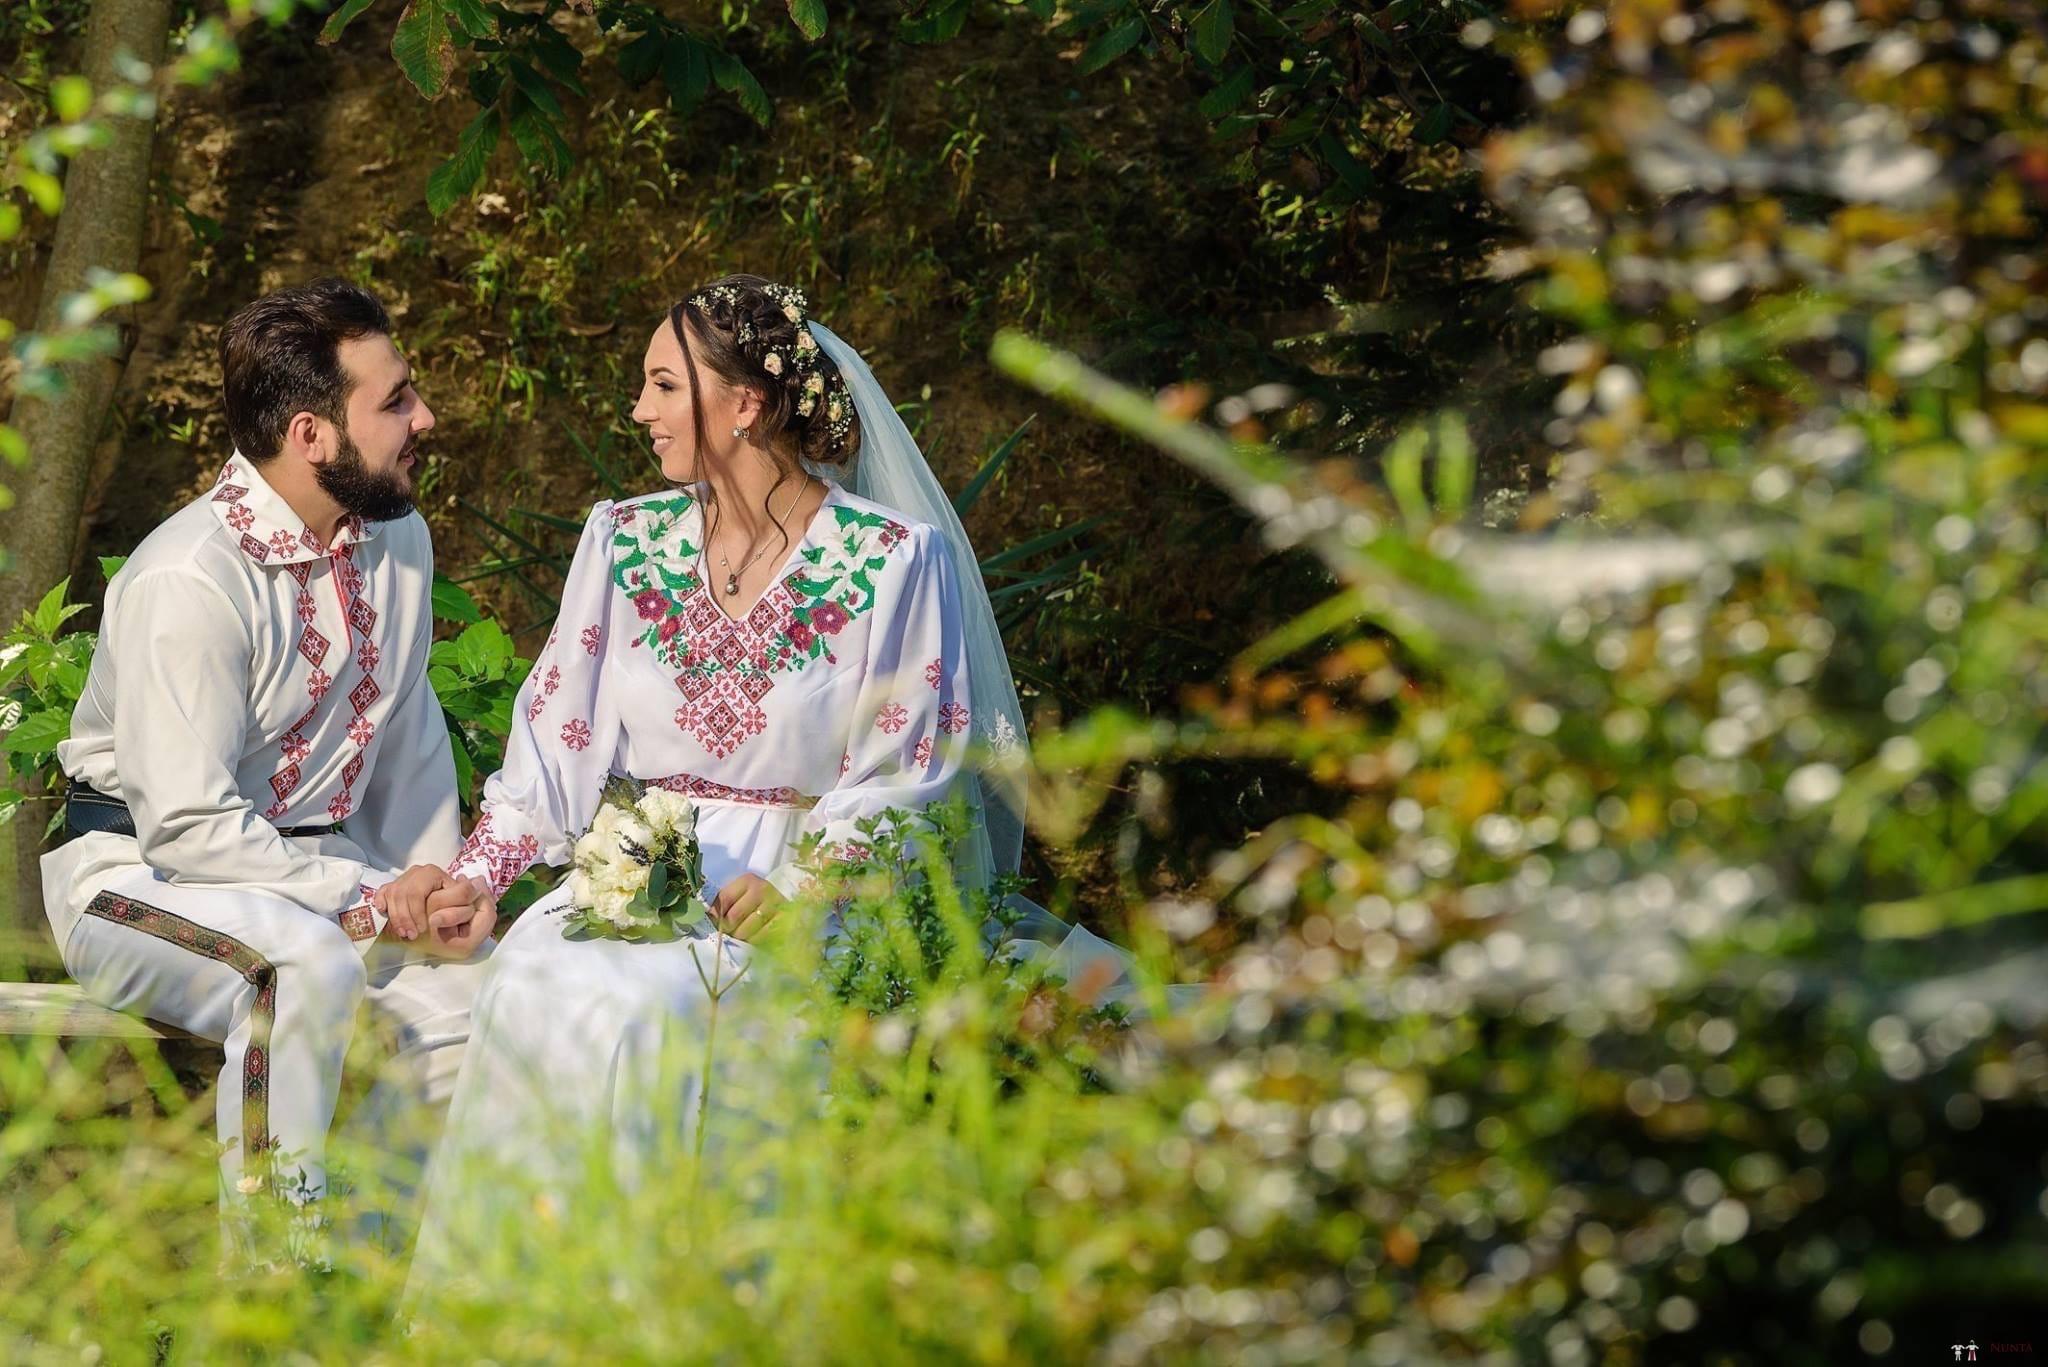 Povești Nunți Tradiționale - Daniela și Cristian, nuntă tradițională în Slobozia, Giurgiu 27